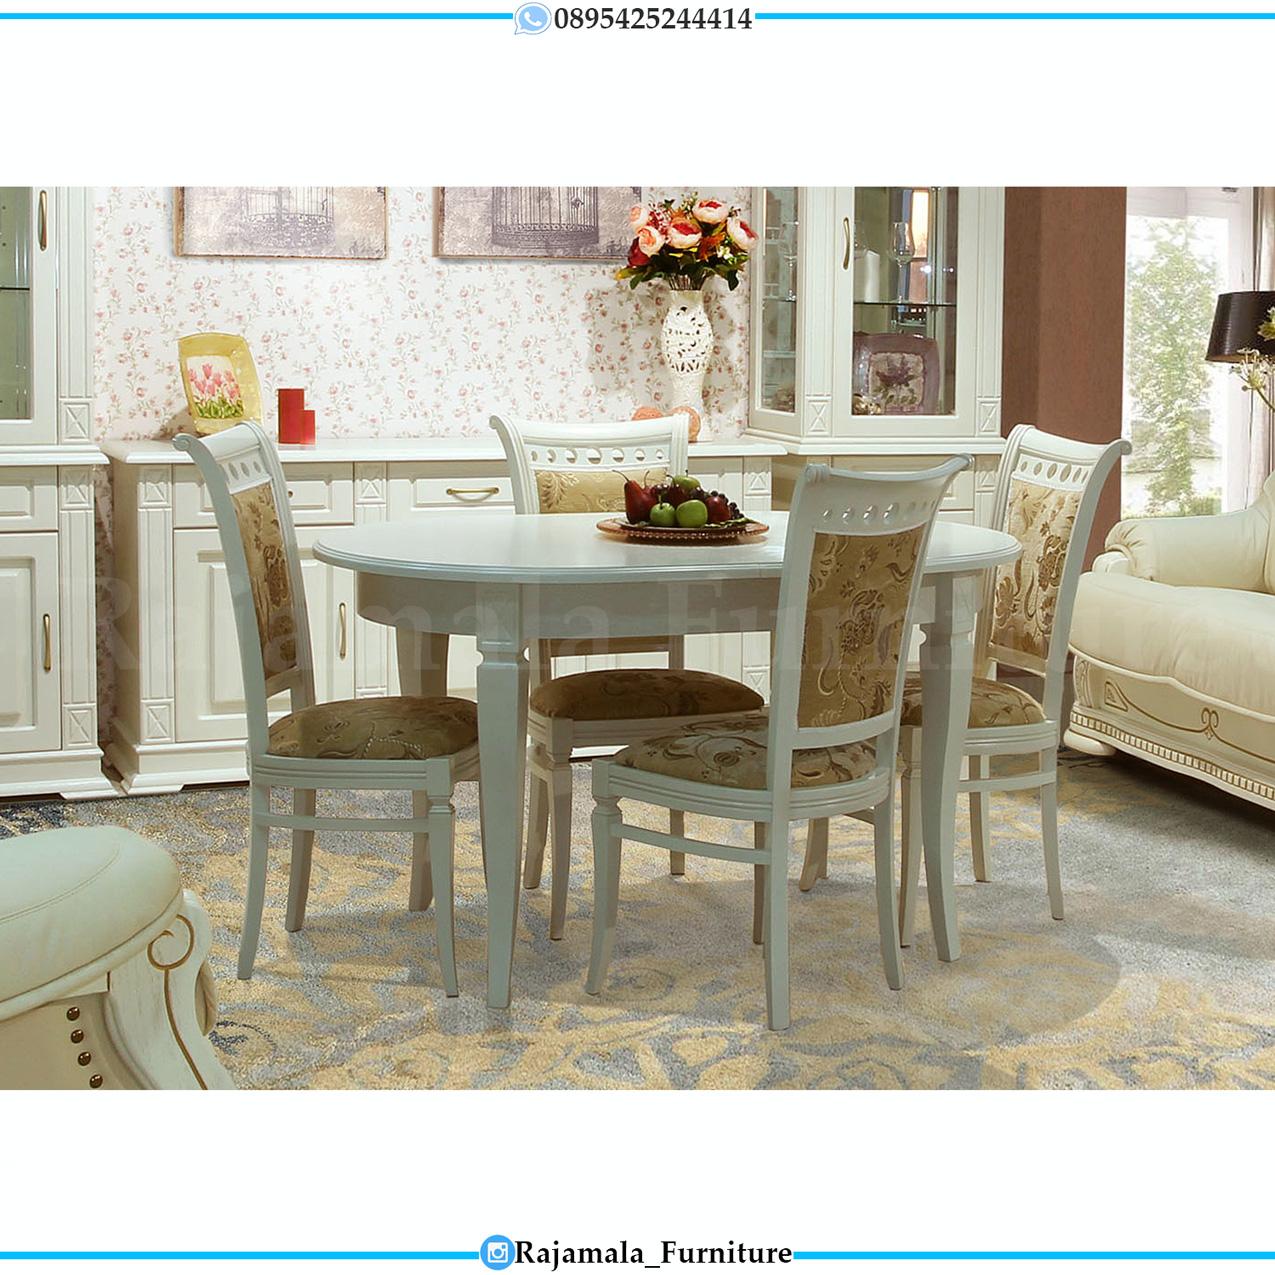 Meja Makan Minimalis Duco Classic Luxury Furniture Jepara Terbaru RM-0275